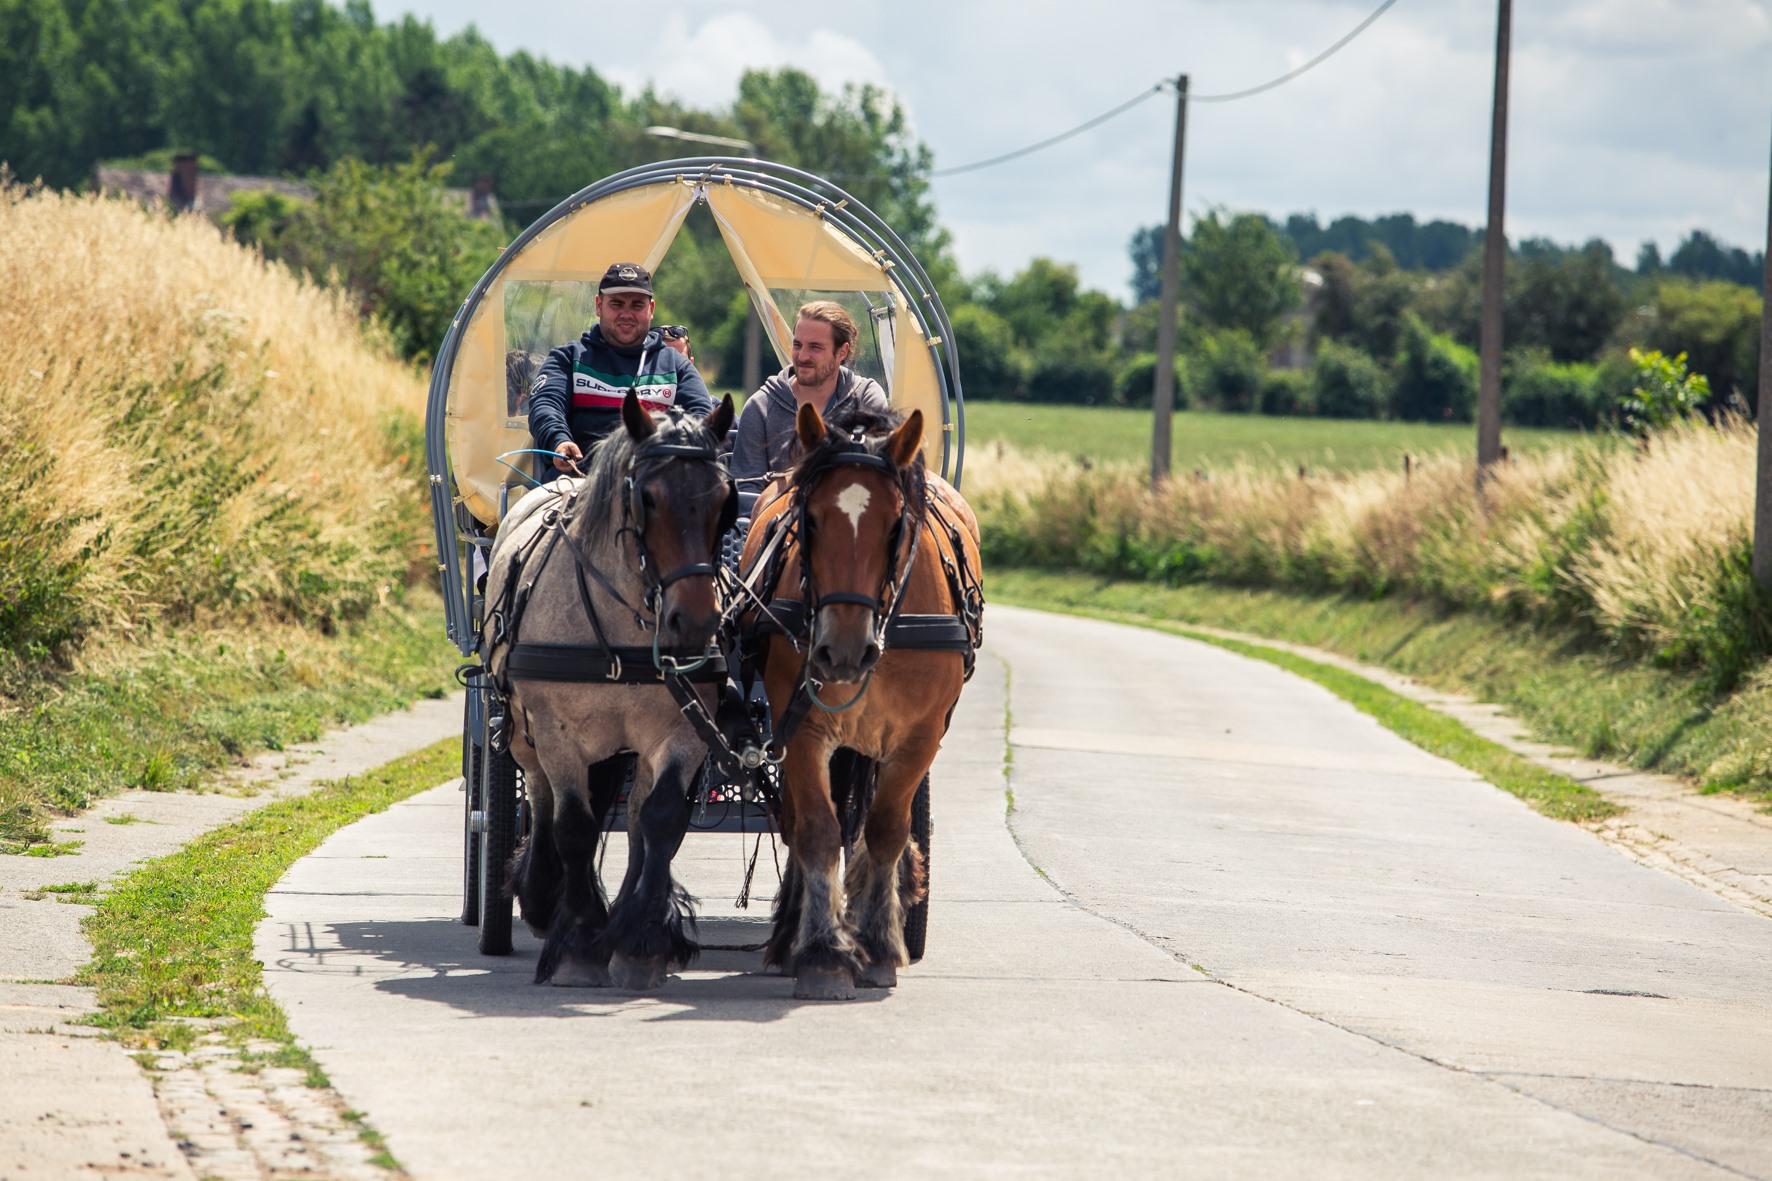 La Province de Hainaut soutient les centres d'accueil des réfugiés sur son territoire